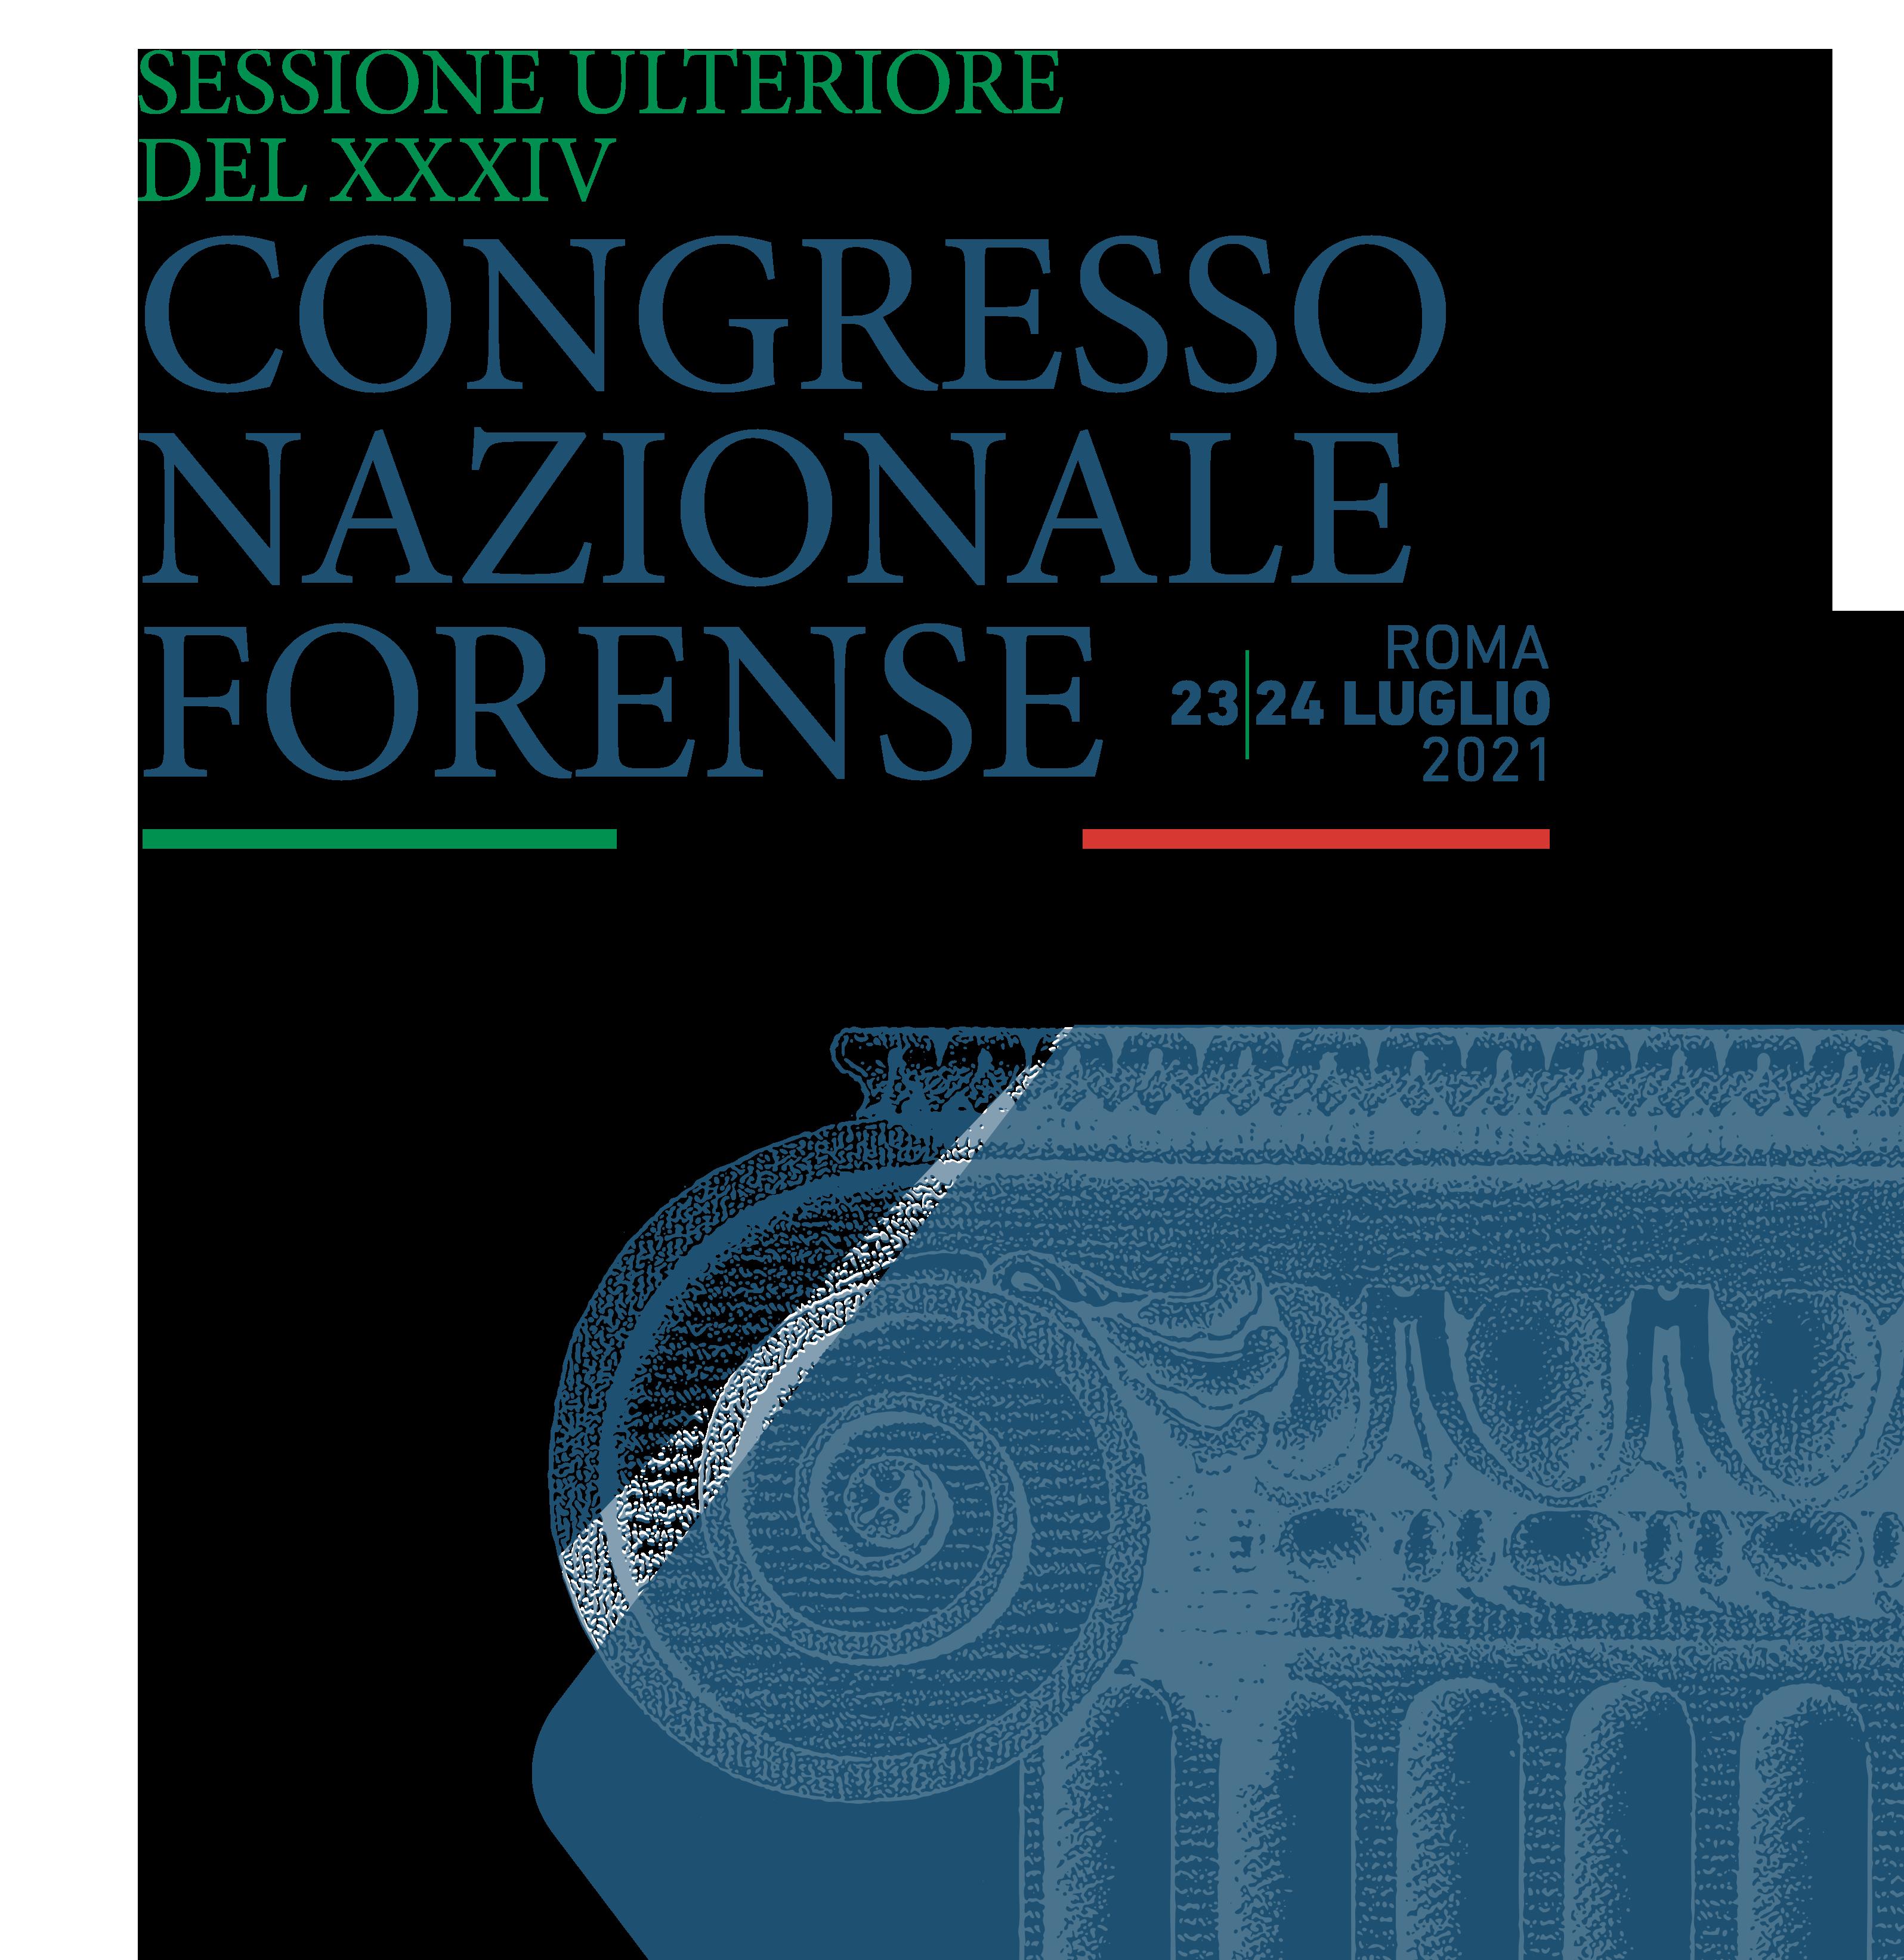 XXXIV Congresso Nazionale Forense